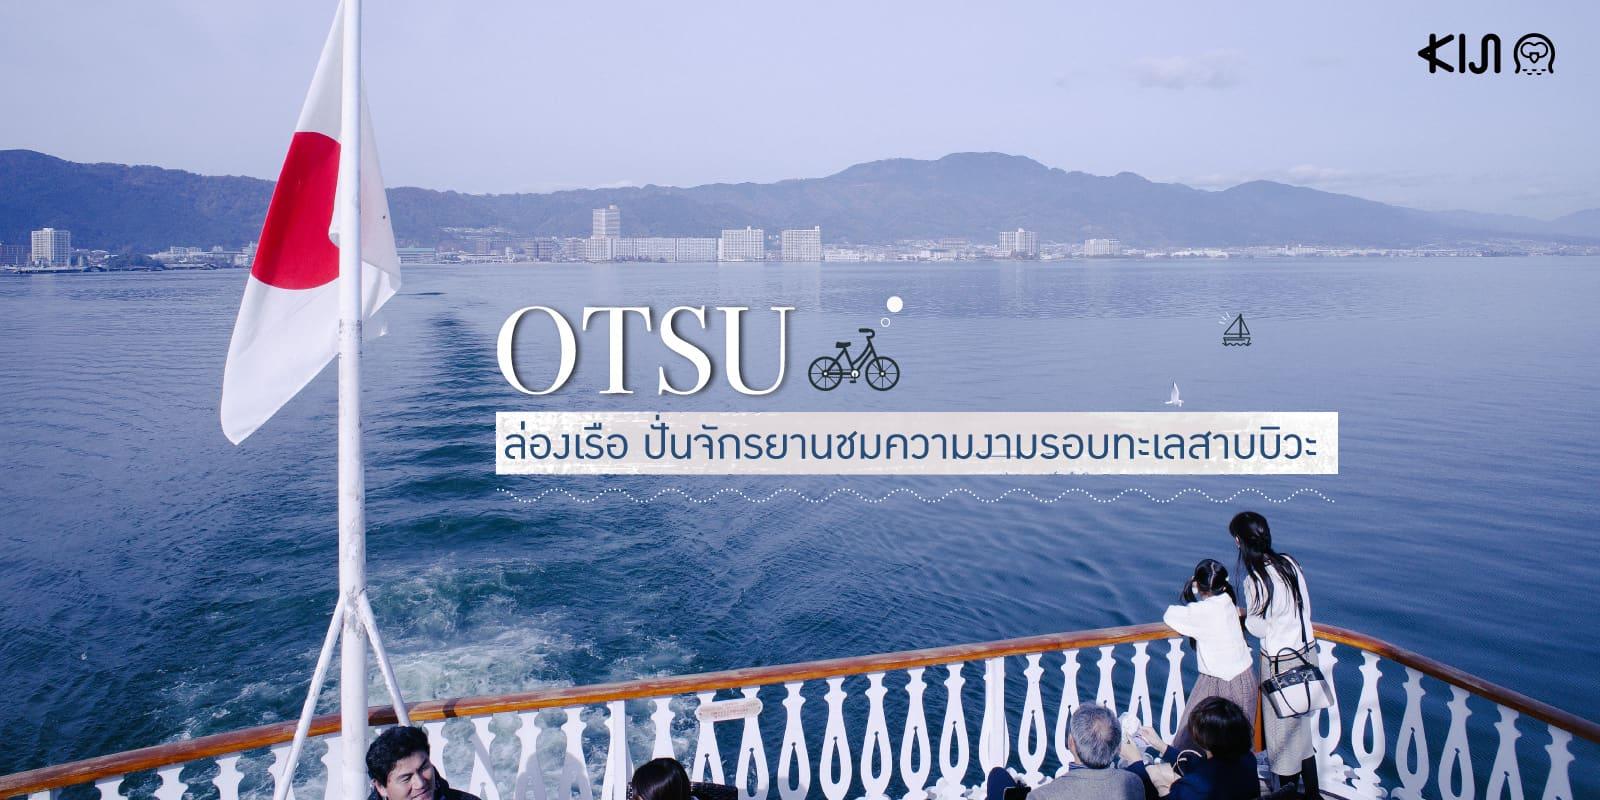 ล่องเรือ ปั่นจักรยานชมความงามรอบทะเลสาบบิวะ ณ เมืองโอตสึ (Otsu)